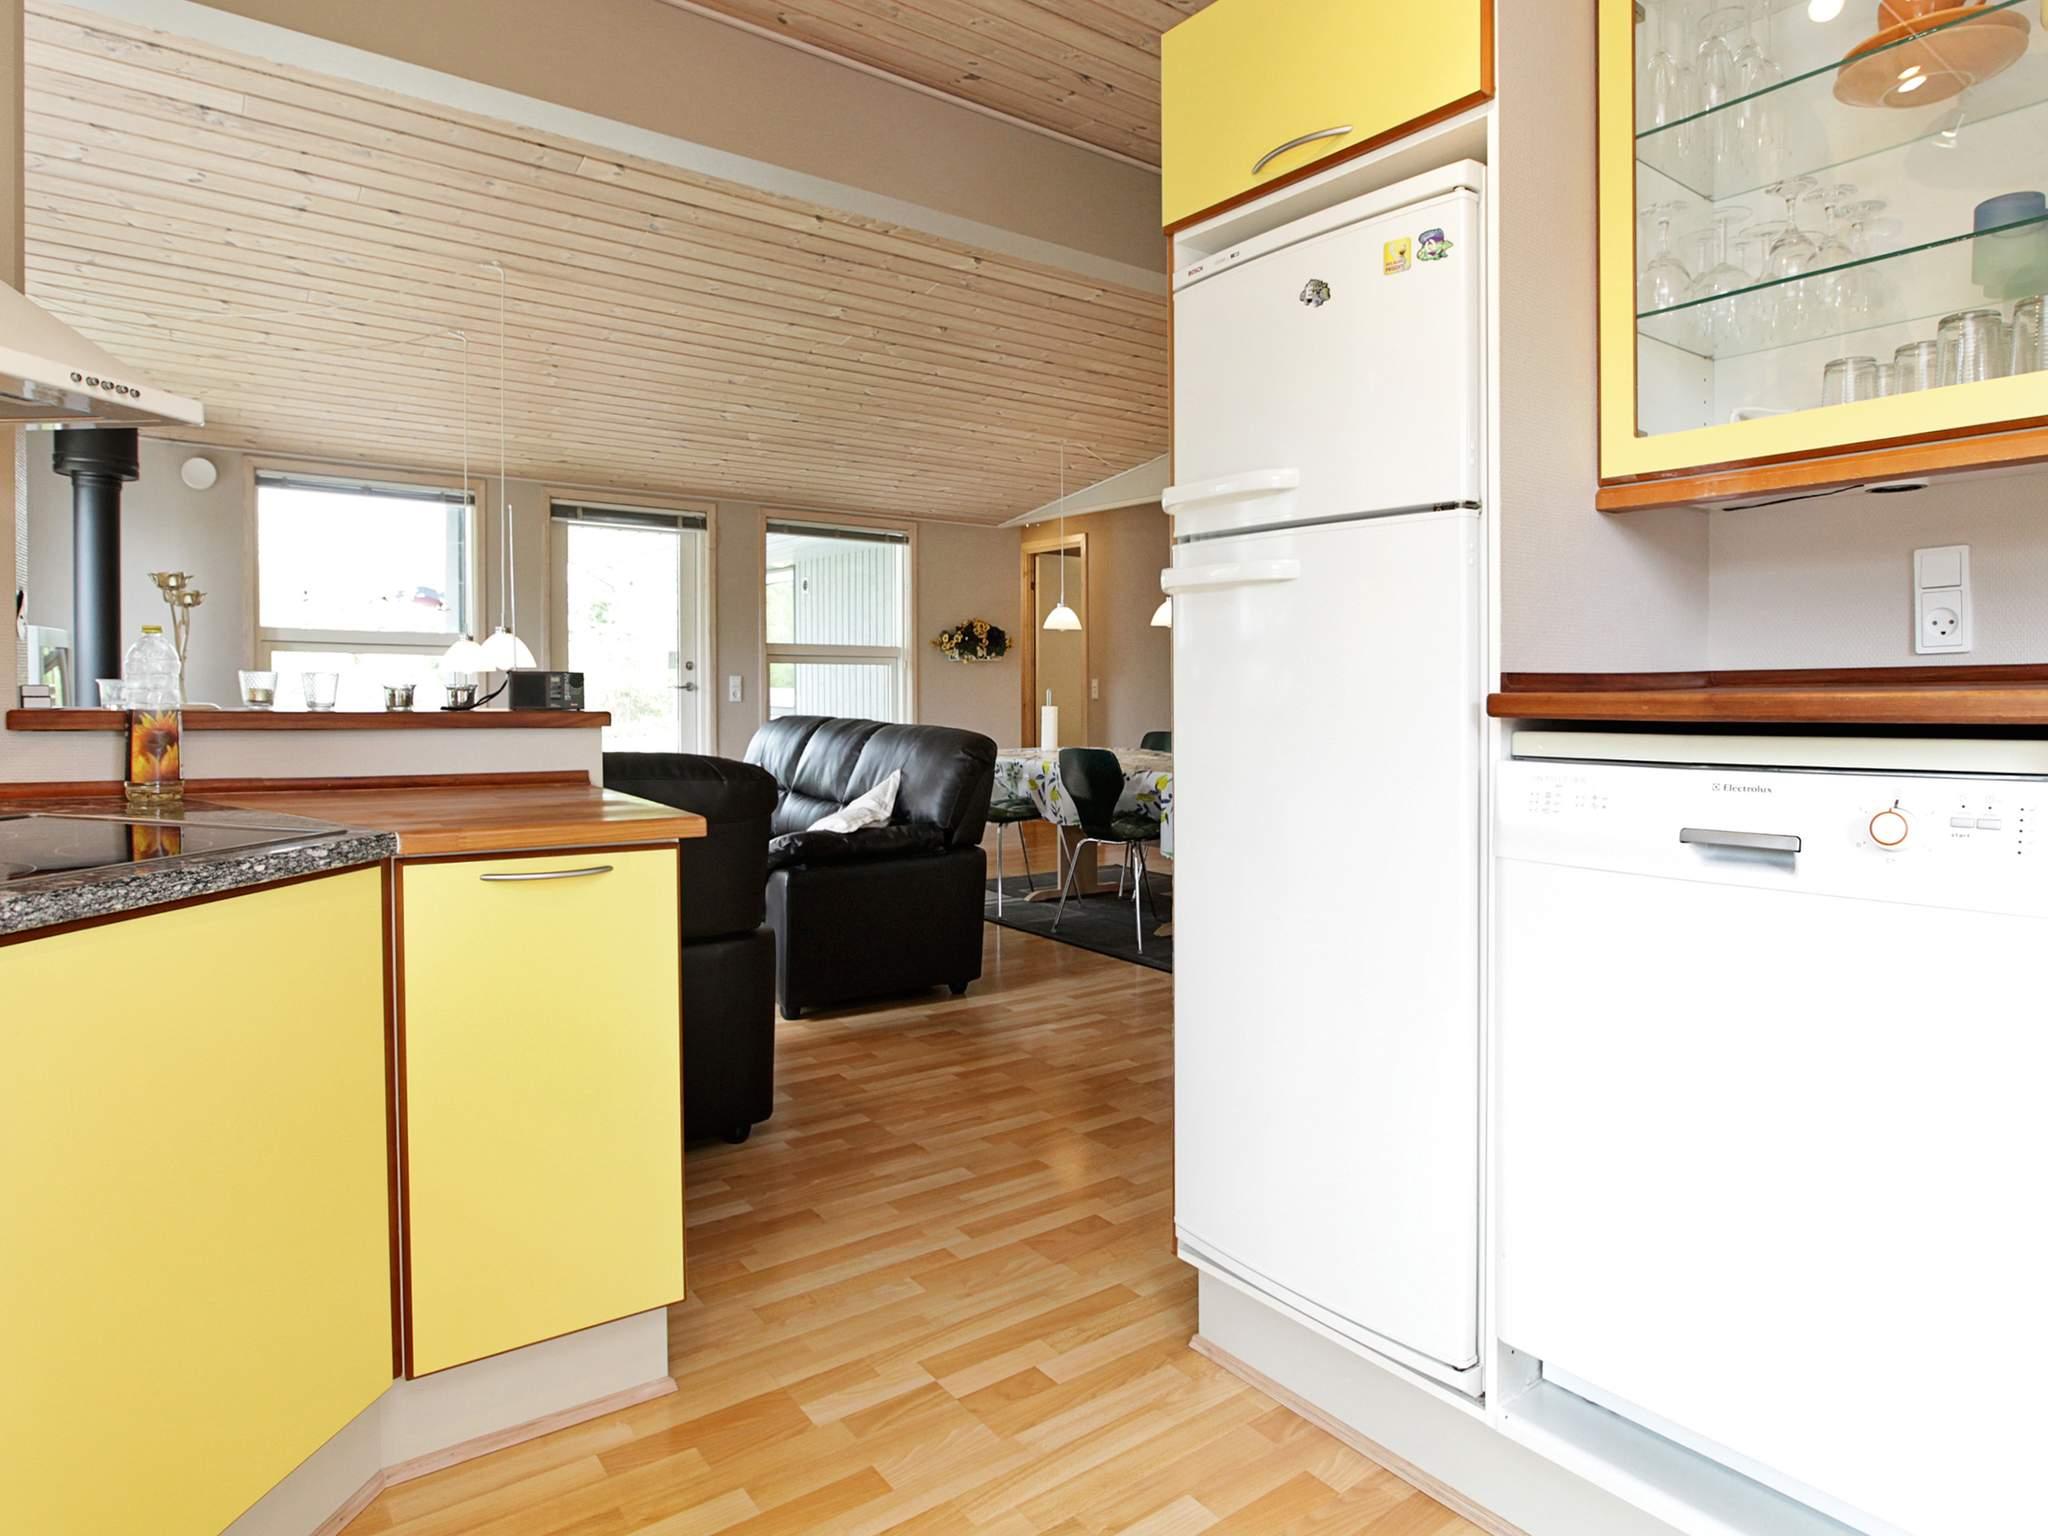 Ferienhaus Marielyst (86576), Marielyst, , Falster, Dänemark, Bild 8